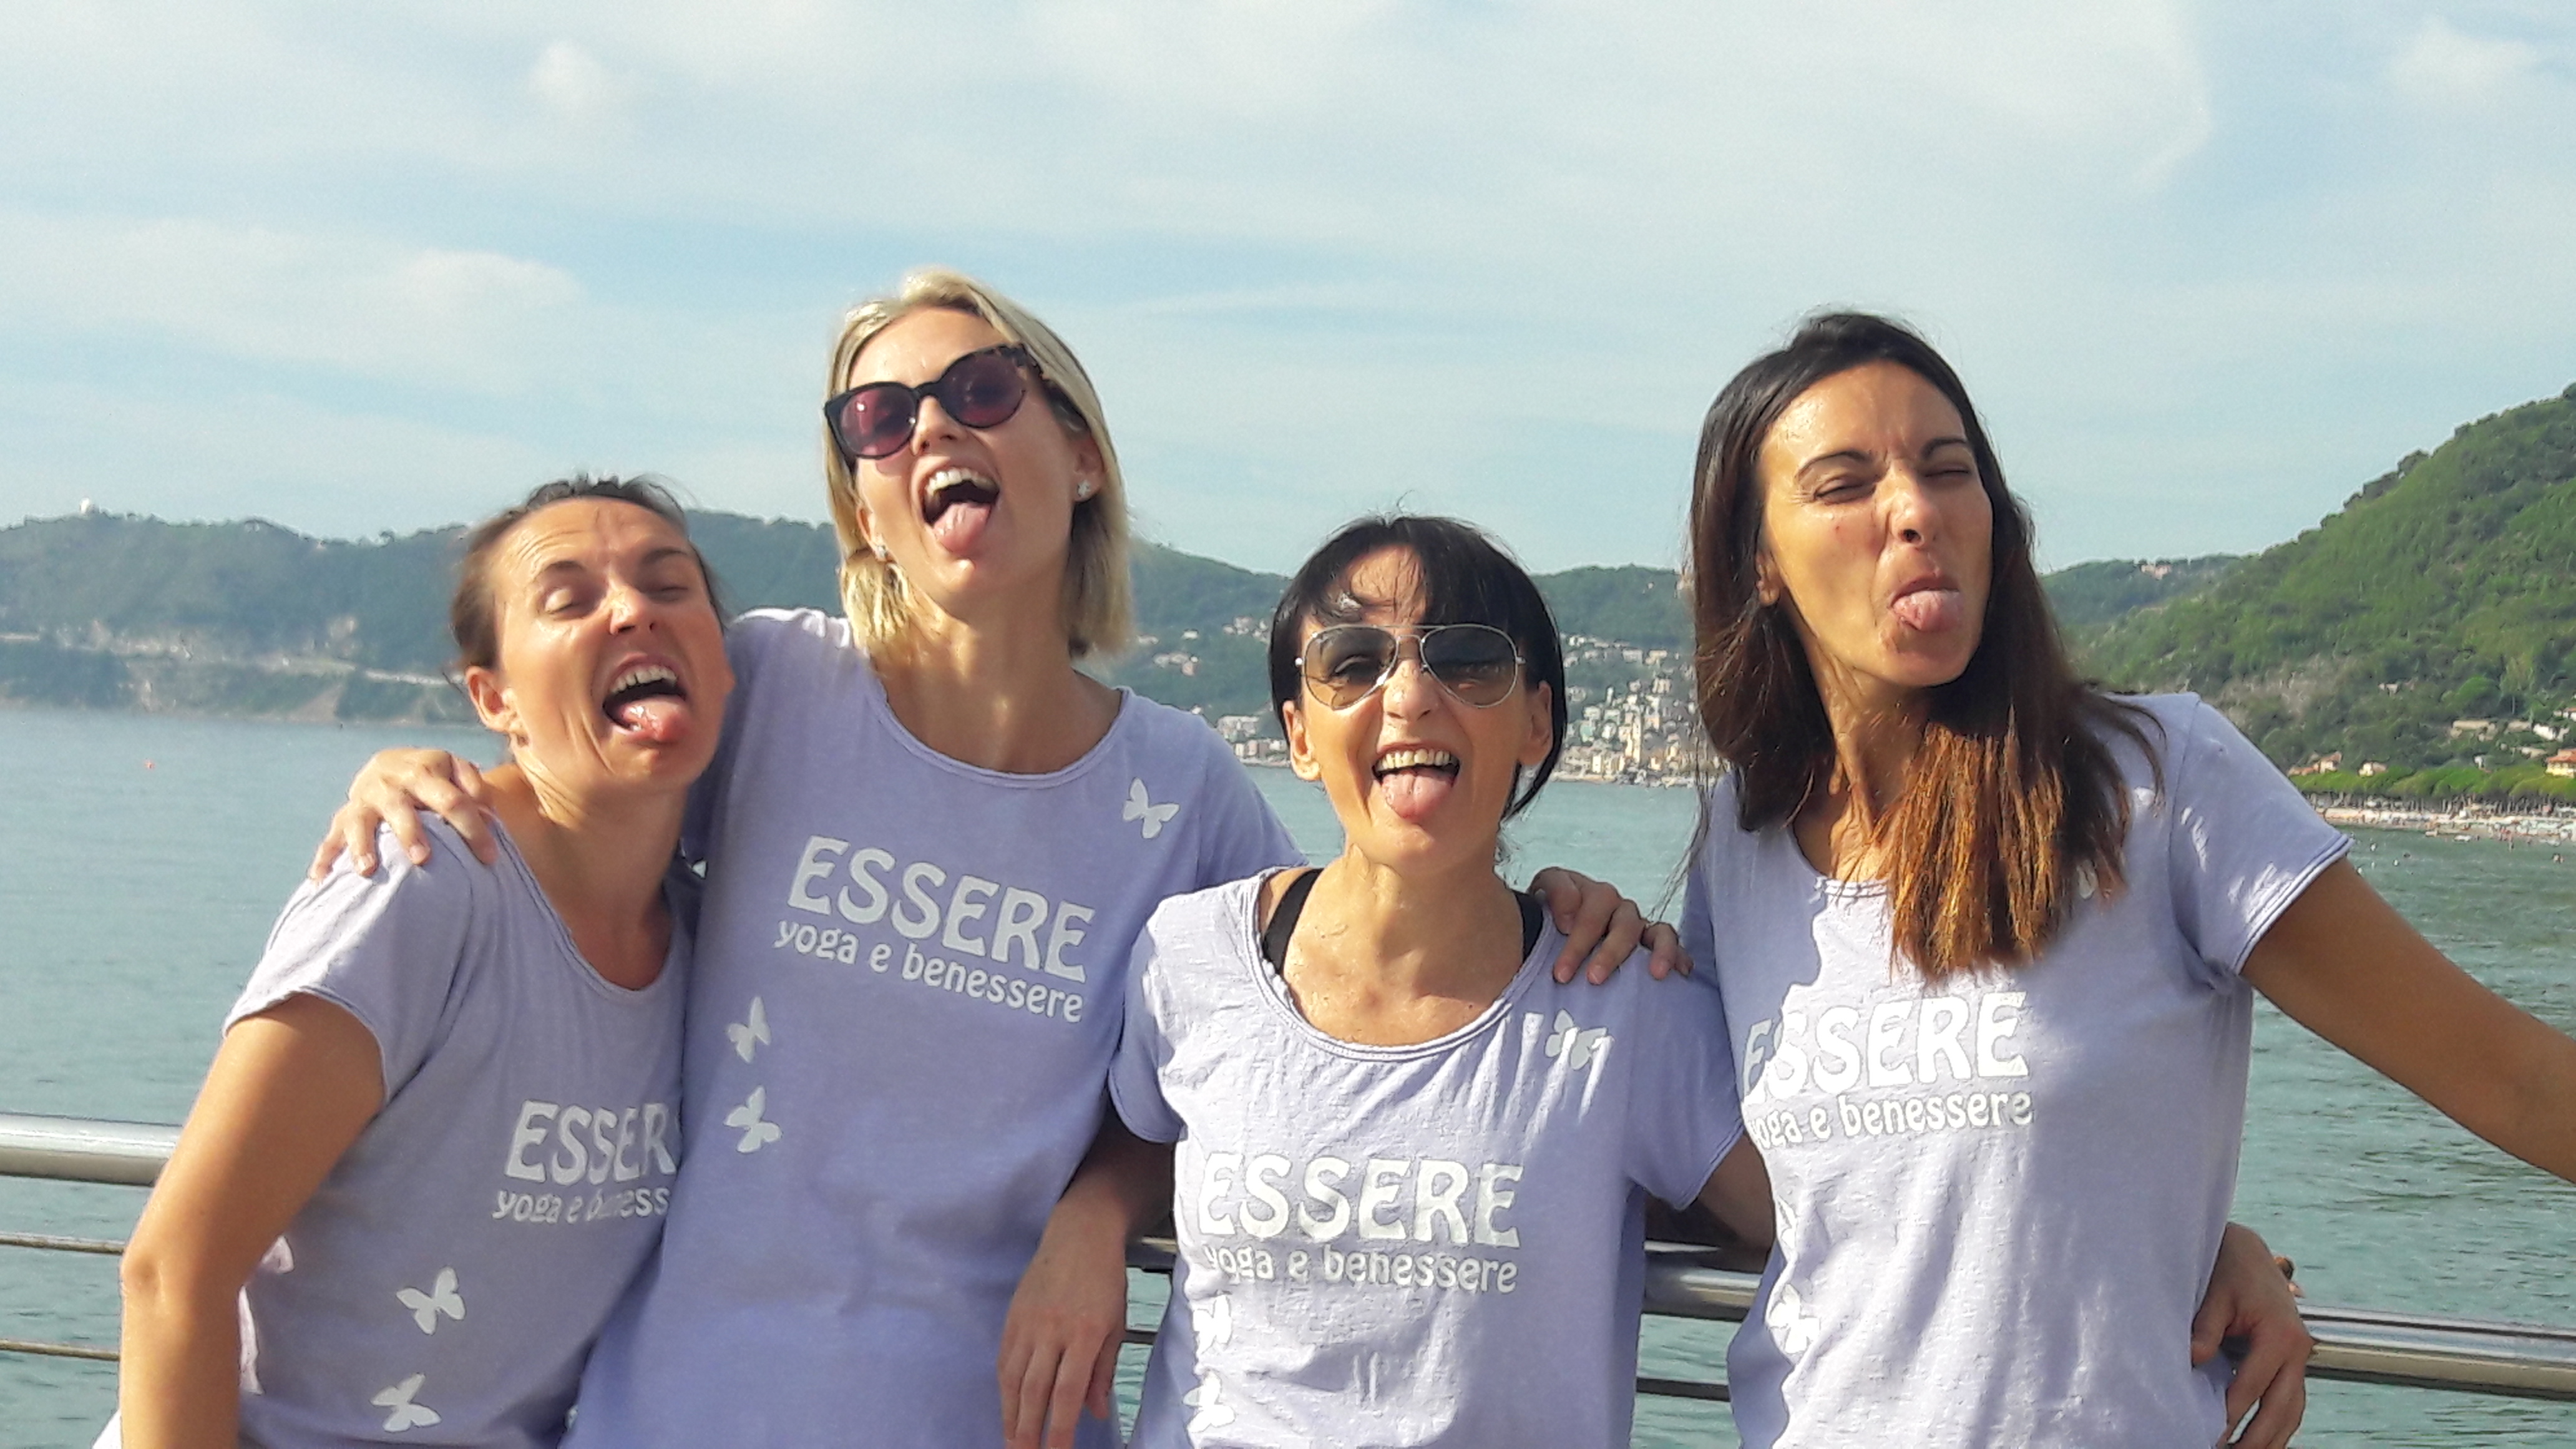 essere-free-yoga-gratuito-benessere-per-tutti-village-citta-alassio-estate-lucia-ragazzi-summer-town-wellness-97